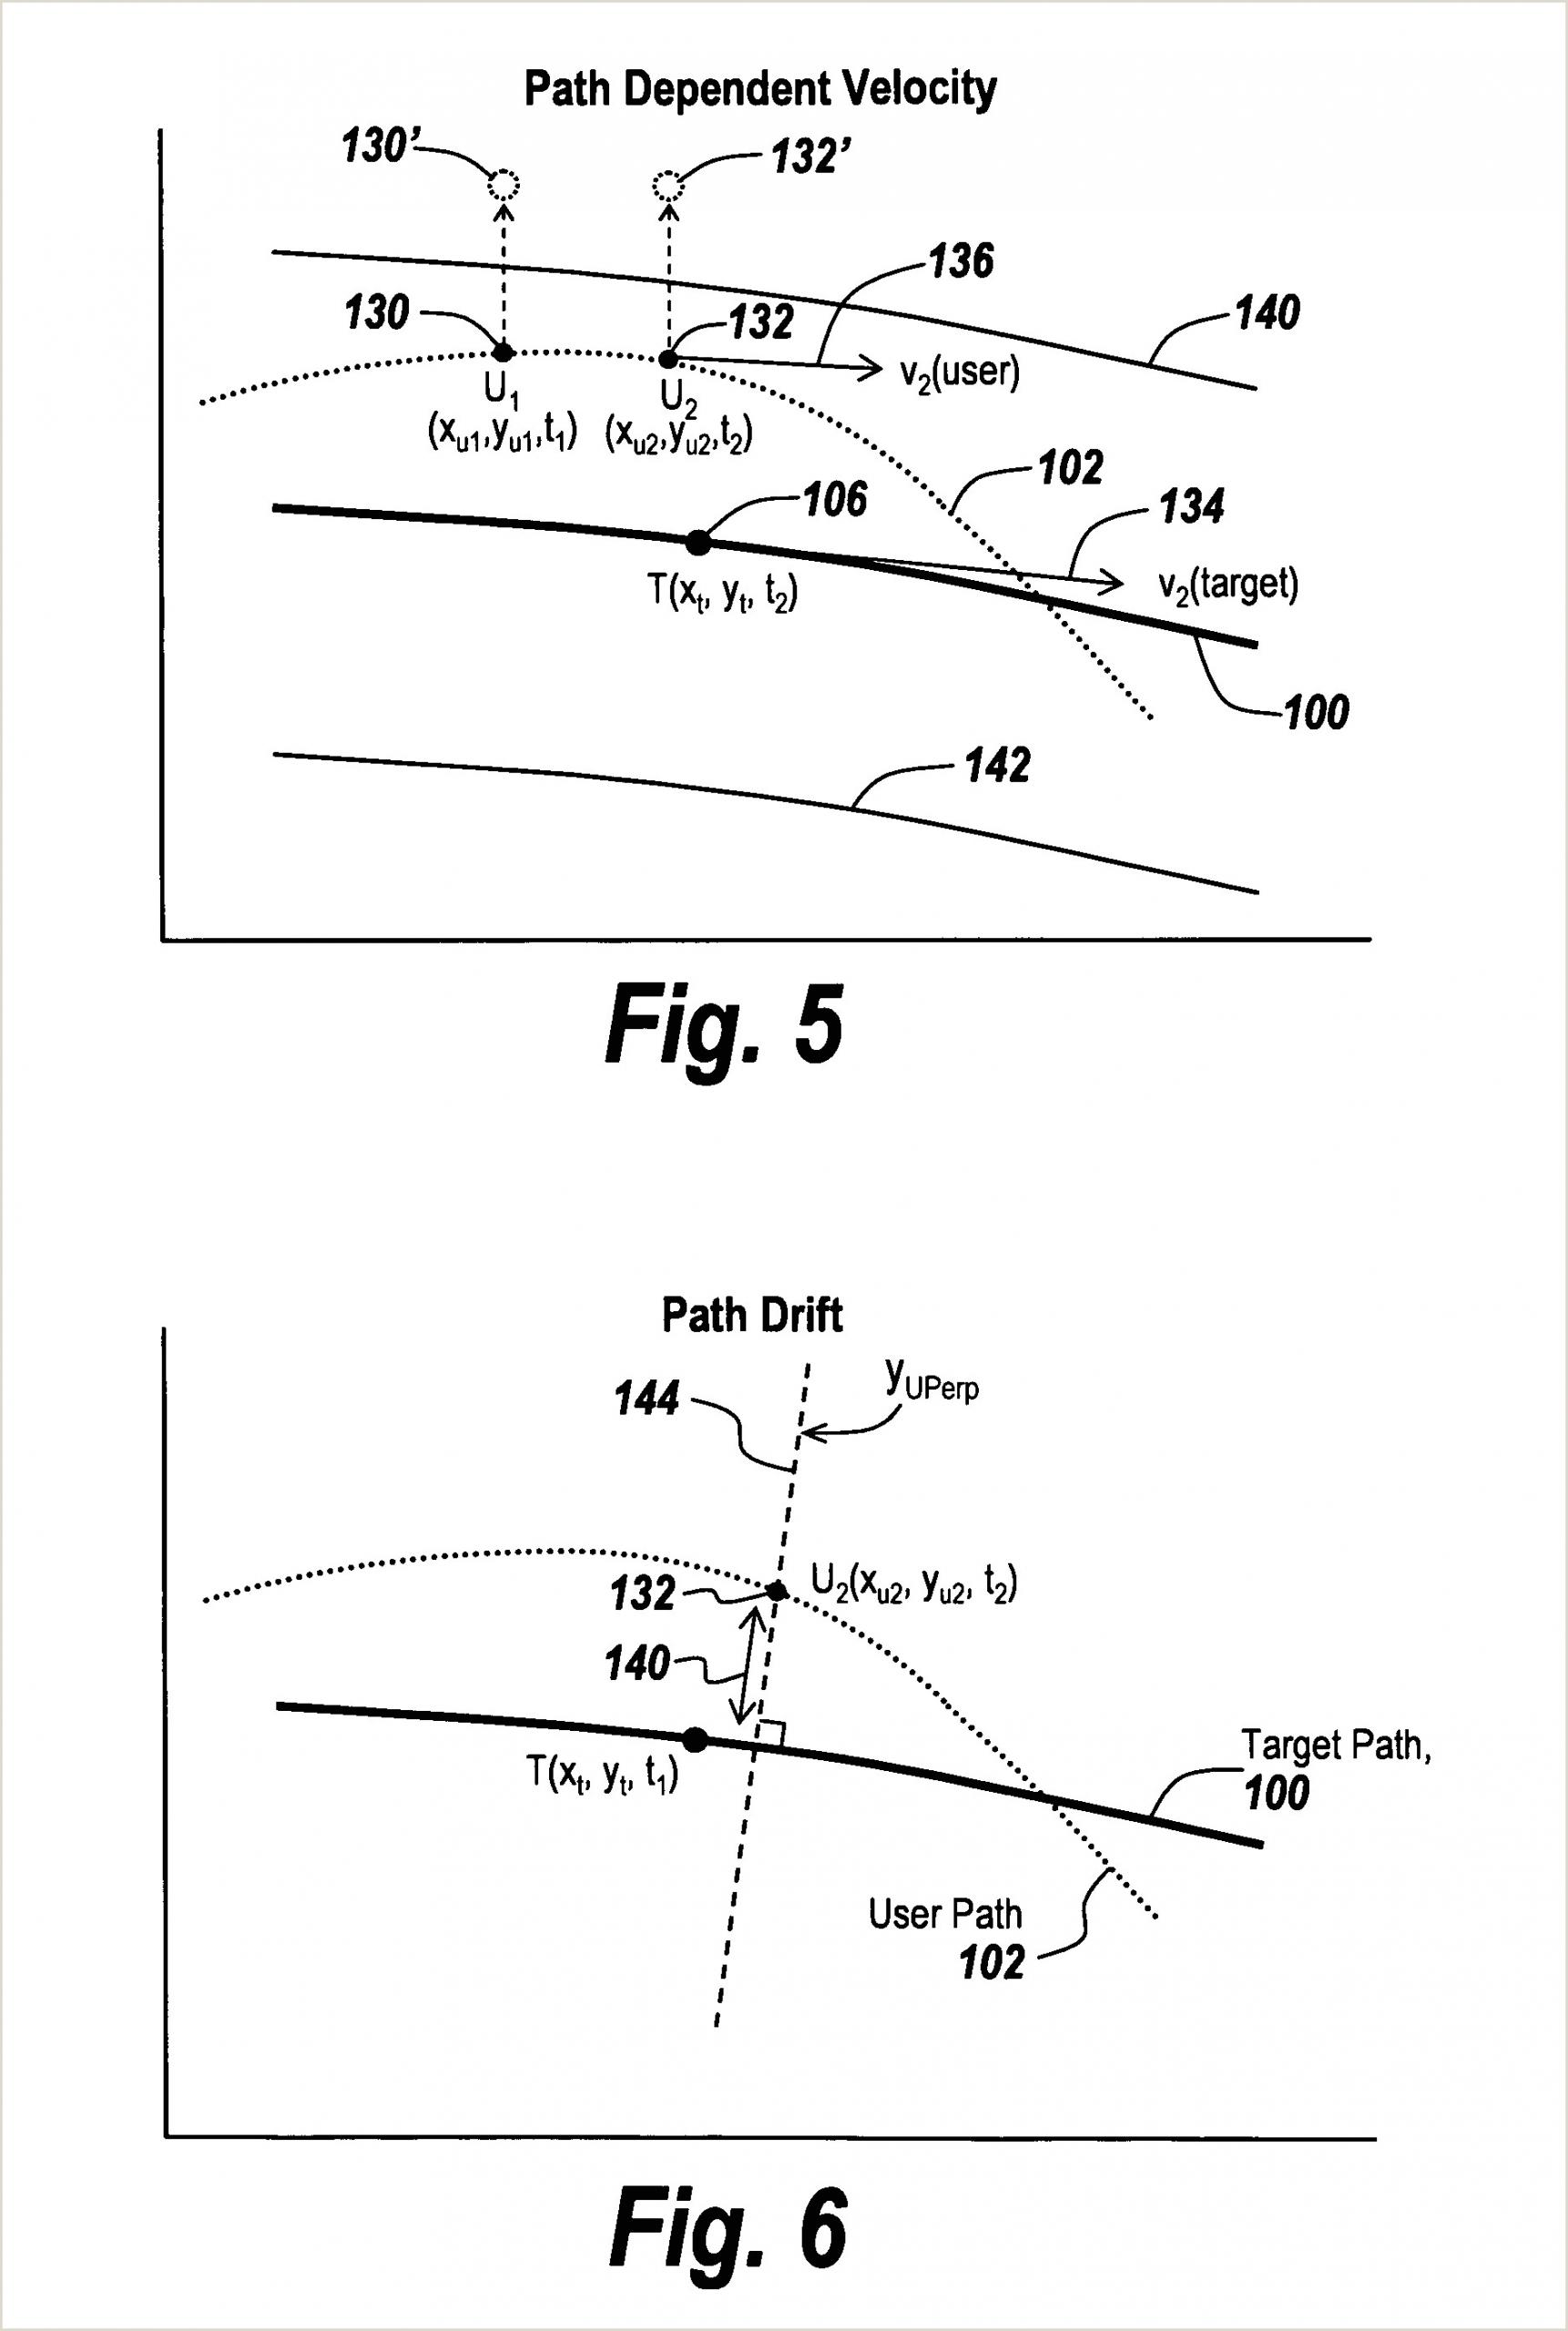 Unique Barber Shop Business Cards Us B2 Optical Neuroinformatics Google Patents